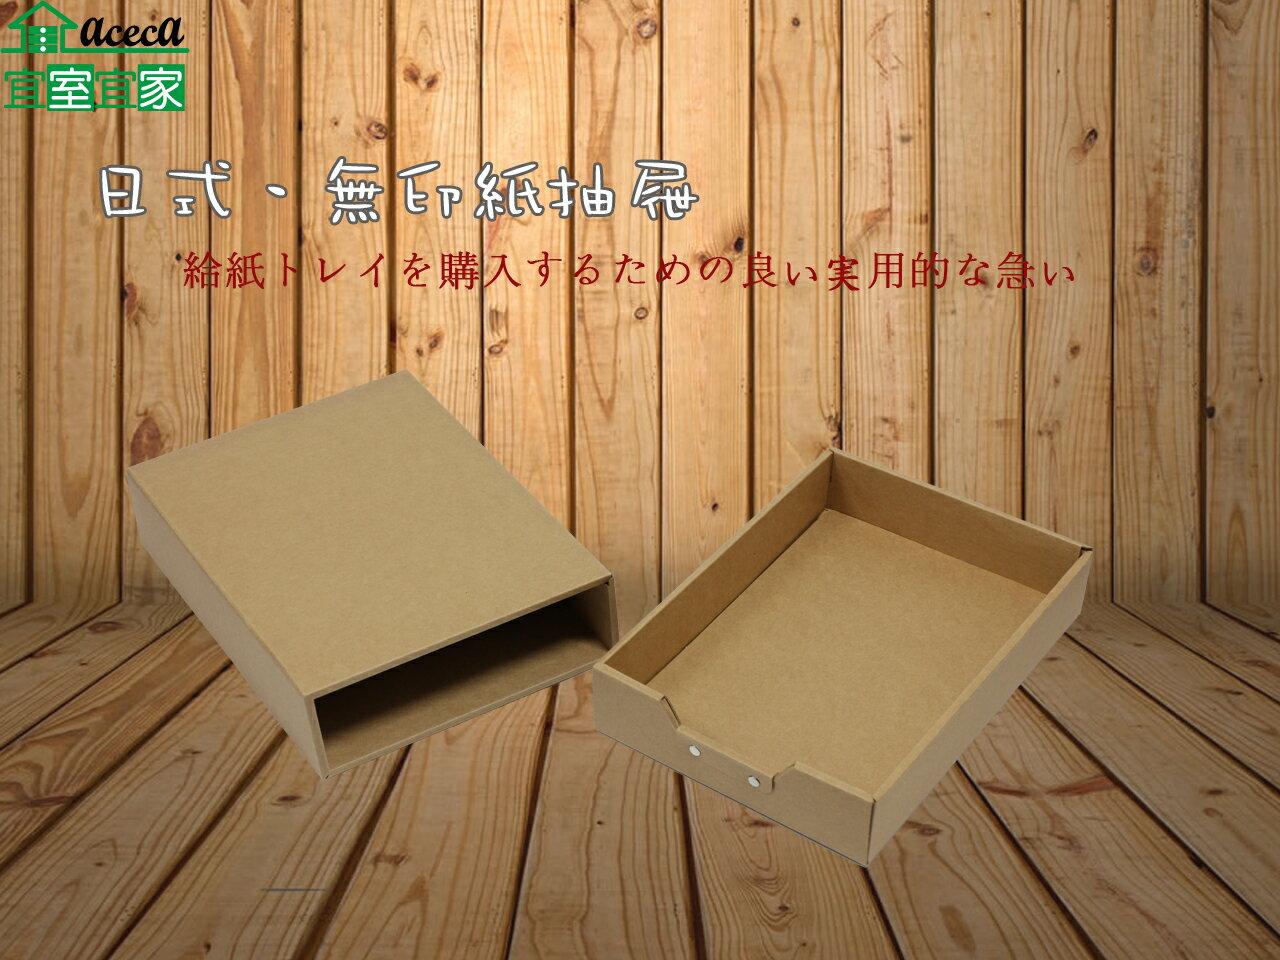 紙抽屜 收納盒 置物盒 整理箱 置物箱 雜物小物零食糖果餅乾 MIT DIY~宜室宜家AP